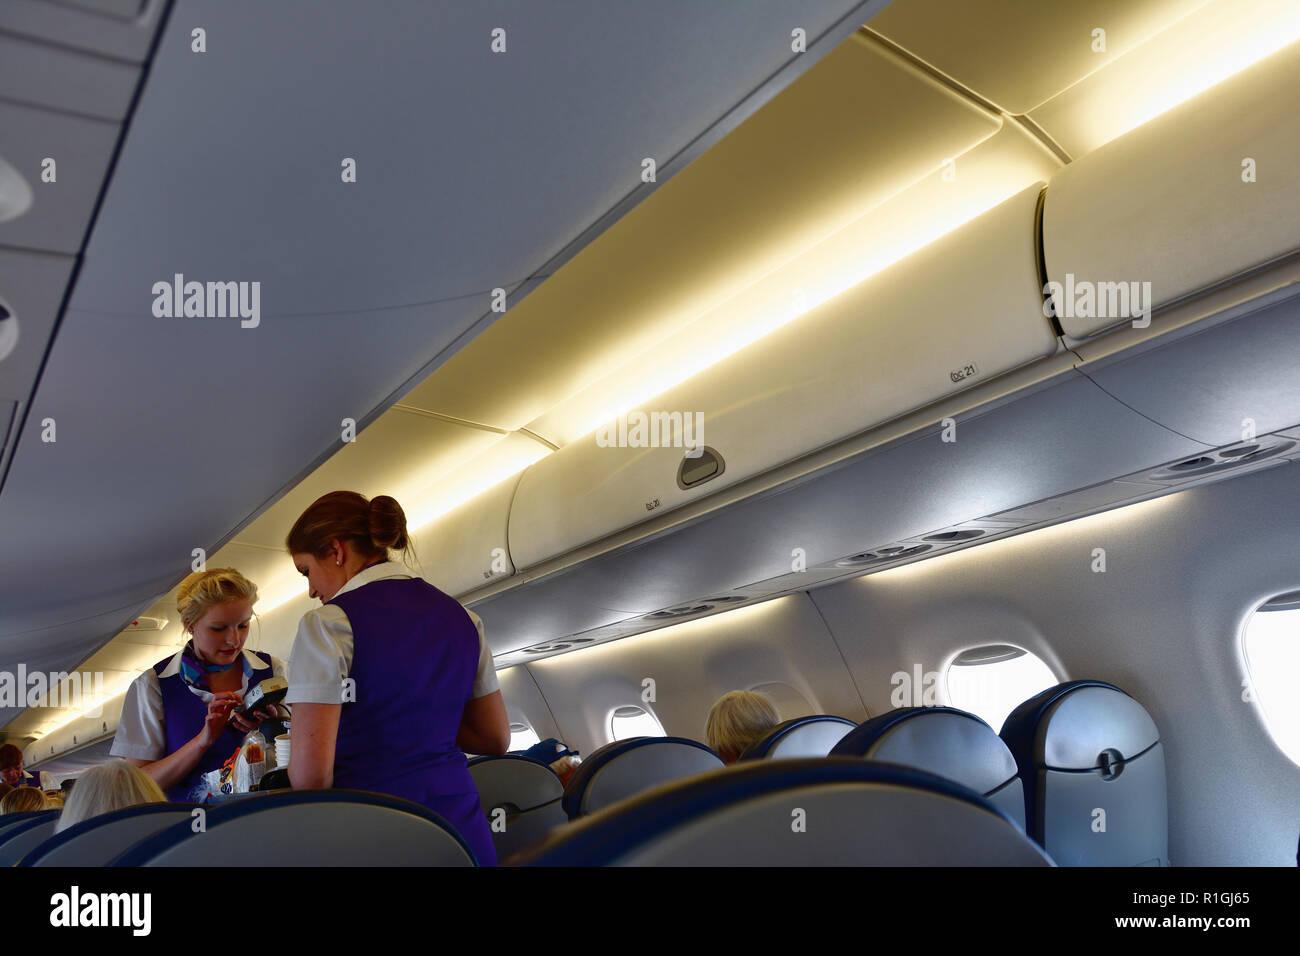 Monarch Airlines. Chalet à bord d'un aéronef monarque. Malaga, Andalousie, Espagne, Europe Banque D'Images